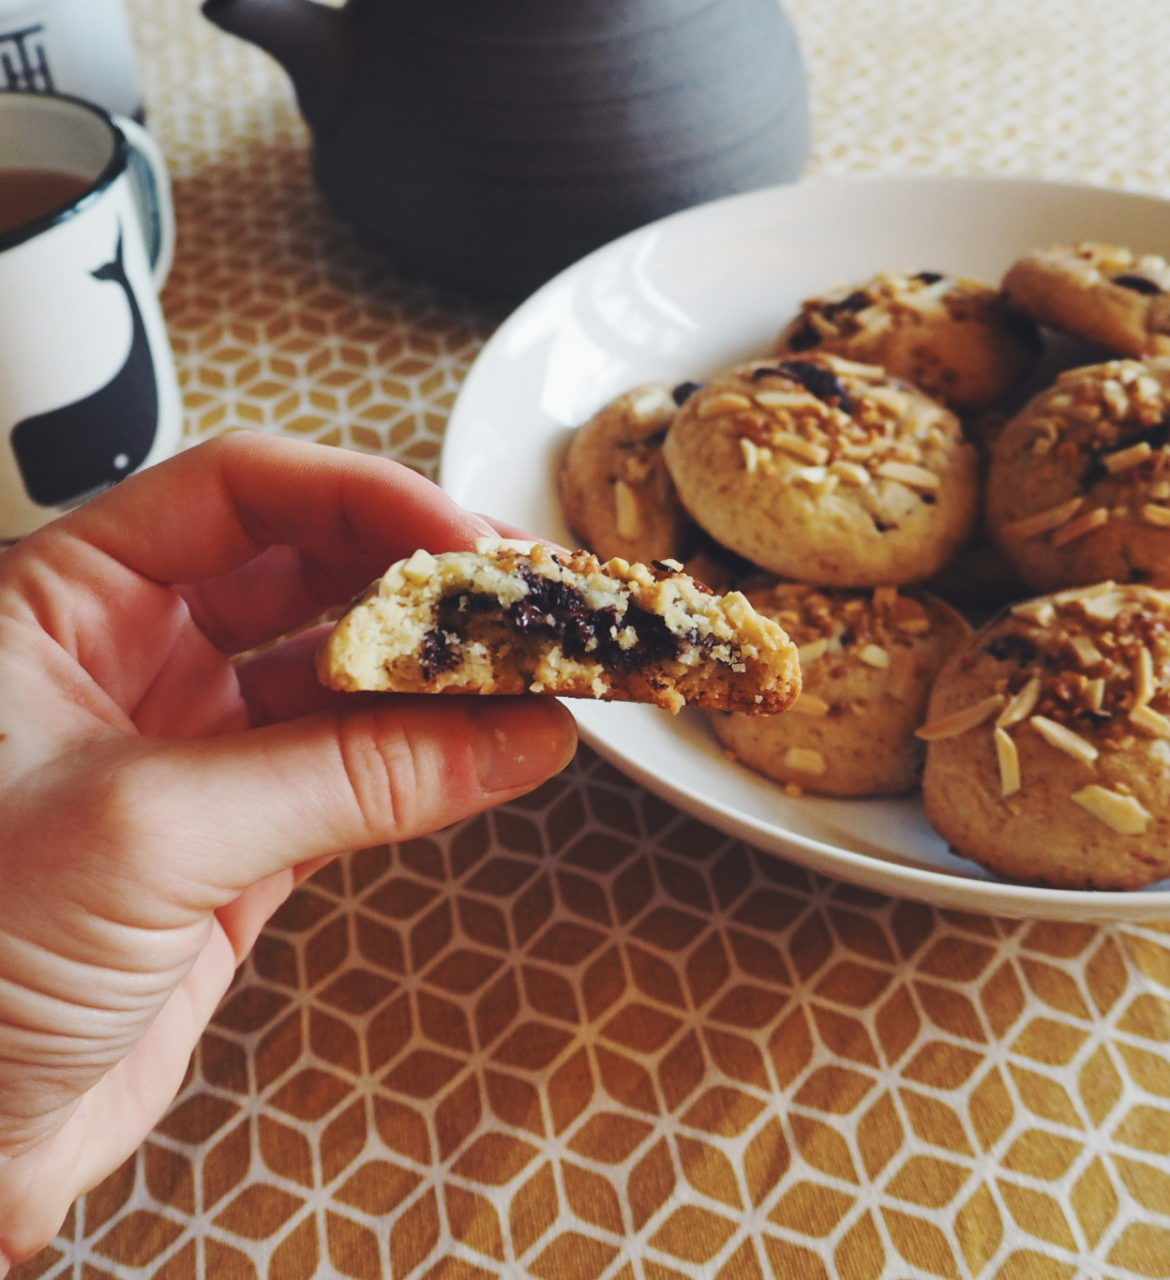 Recette facile de cookies coeur fondant au chocolat